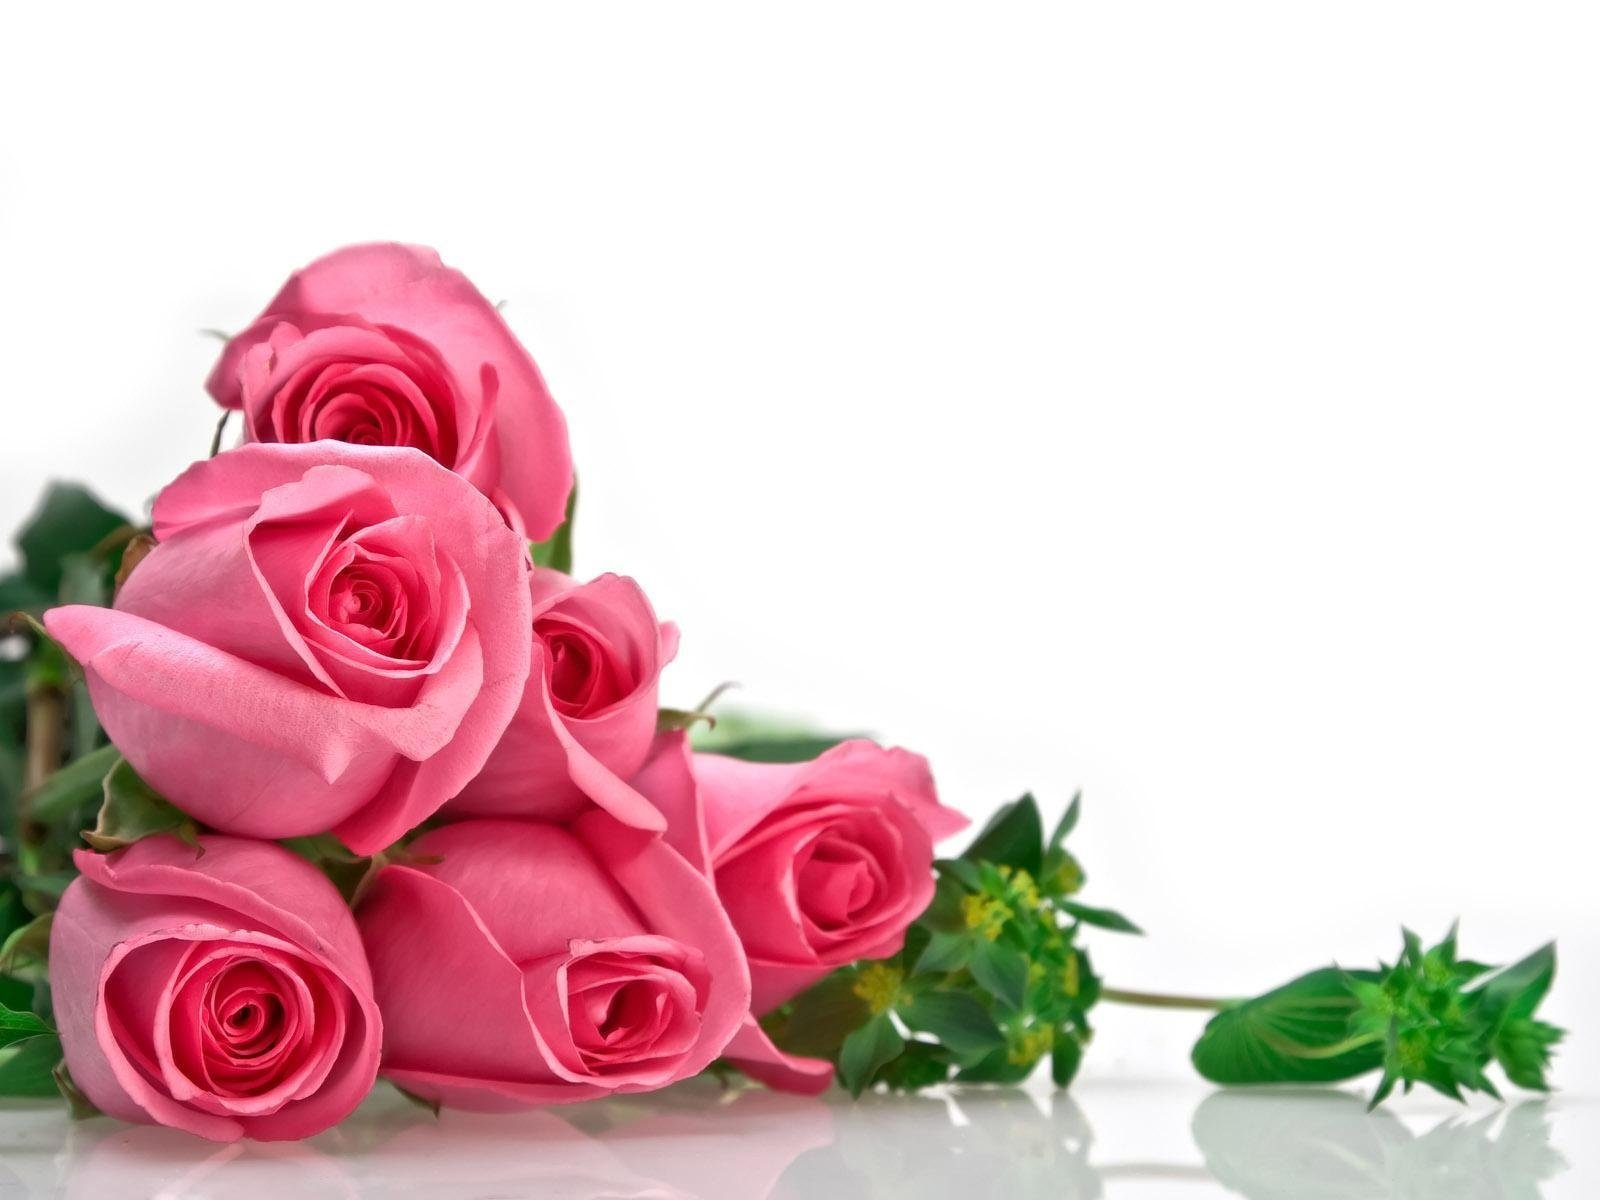 صورة اجمل صور الورد , الجمال يتكلم بحب 5915 3